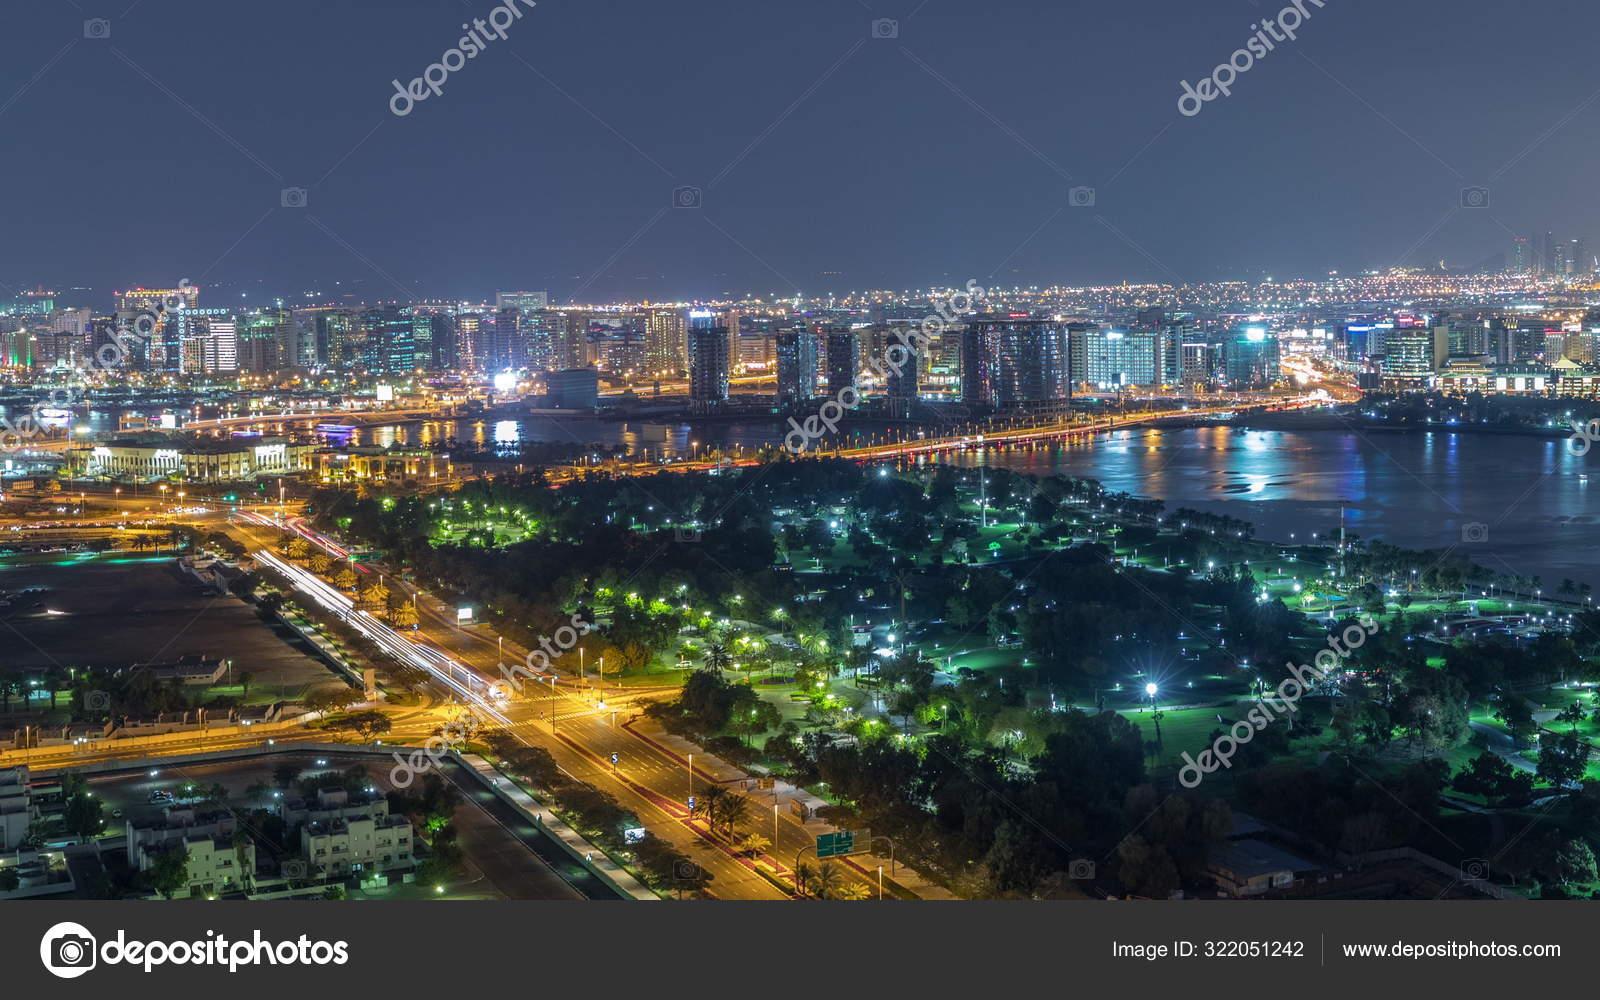 Дубай города рядом недвижимость вьетнама цены в рублях купить